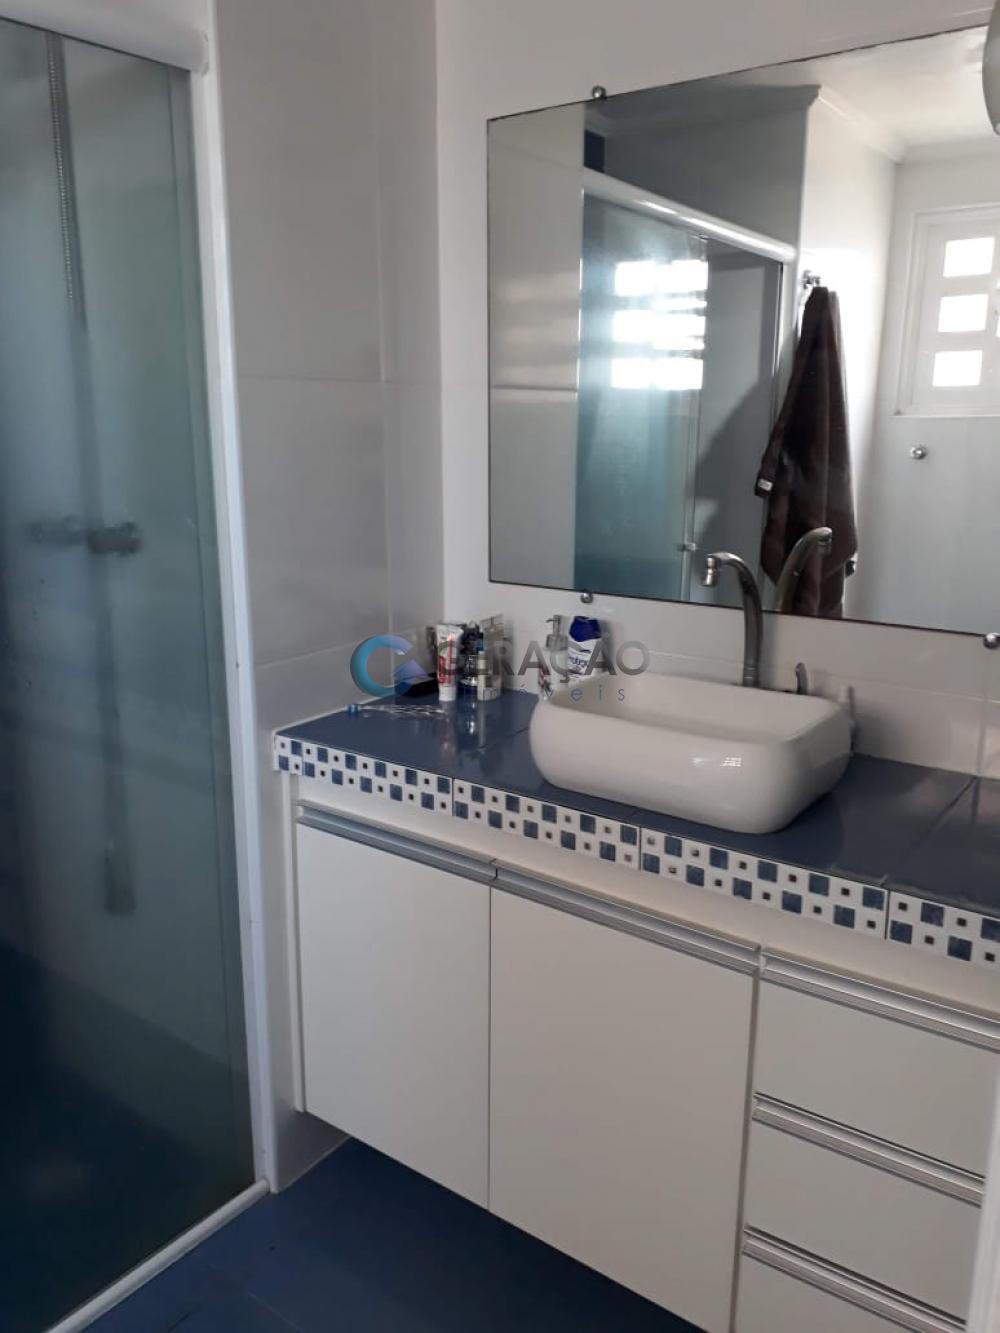 Comprar Apartamento / Padrão em São José dos Campos apenas R$ 650.000,00 - Foto 15